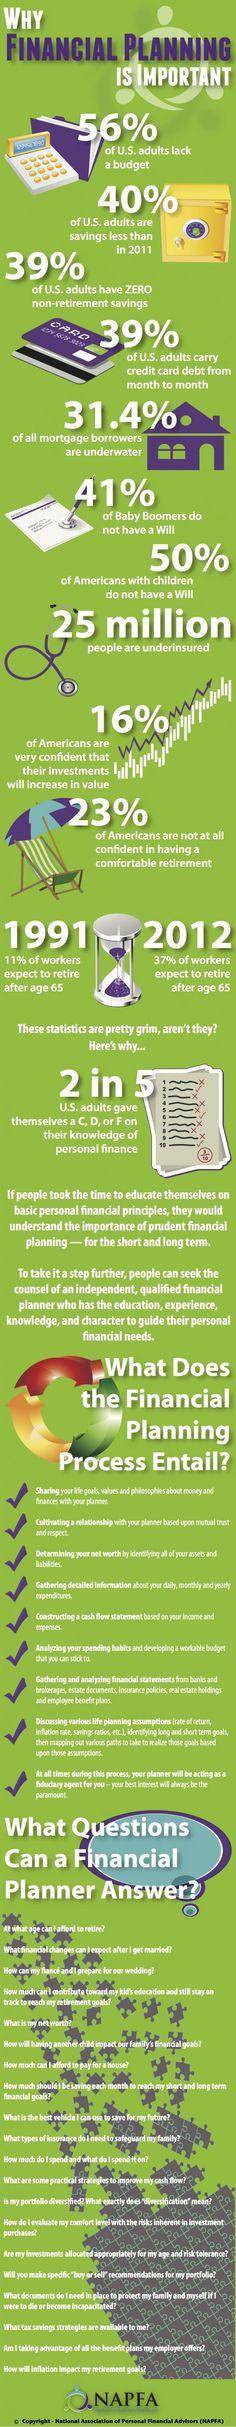 Why Financial Planni